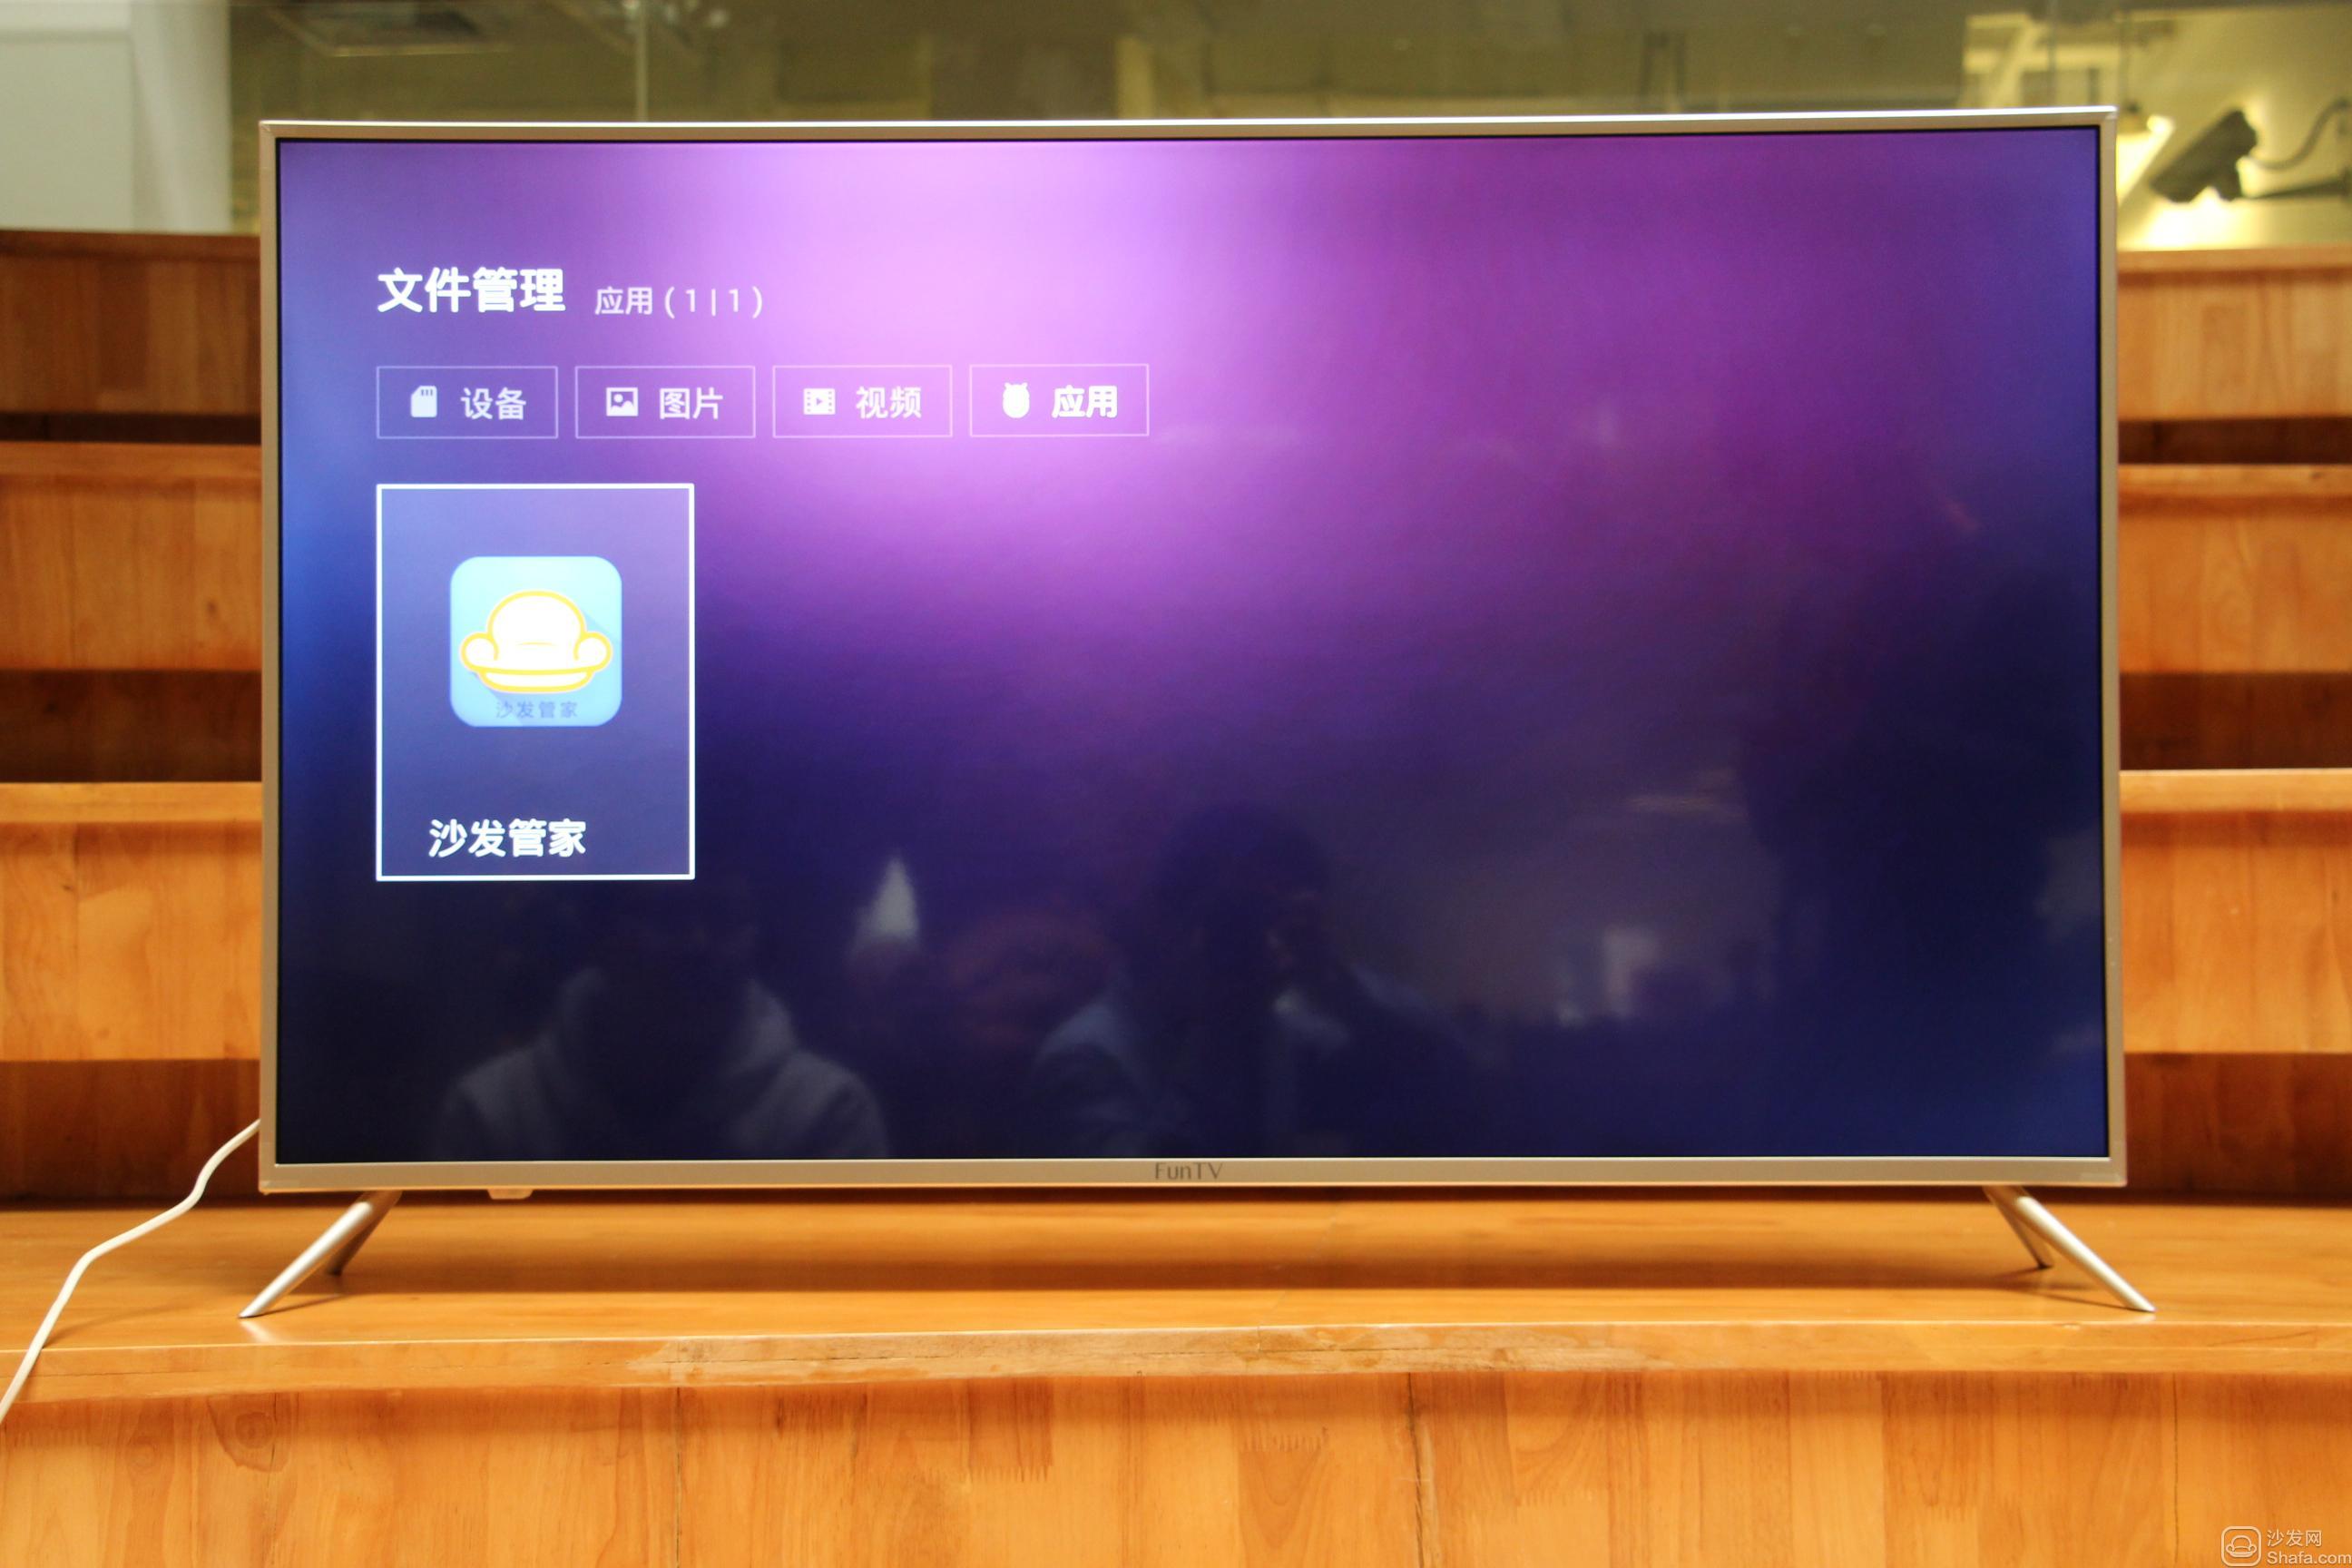 风行65寸4K超维电视如何通过U盘安装第三方应用,玩电视游戏